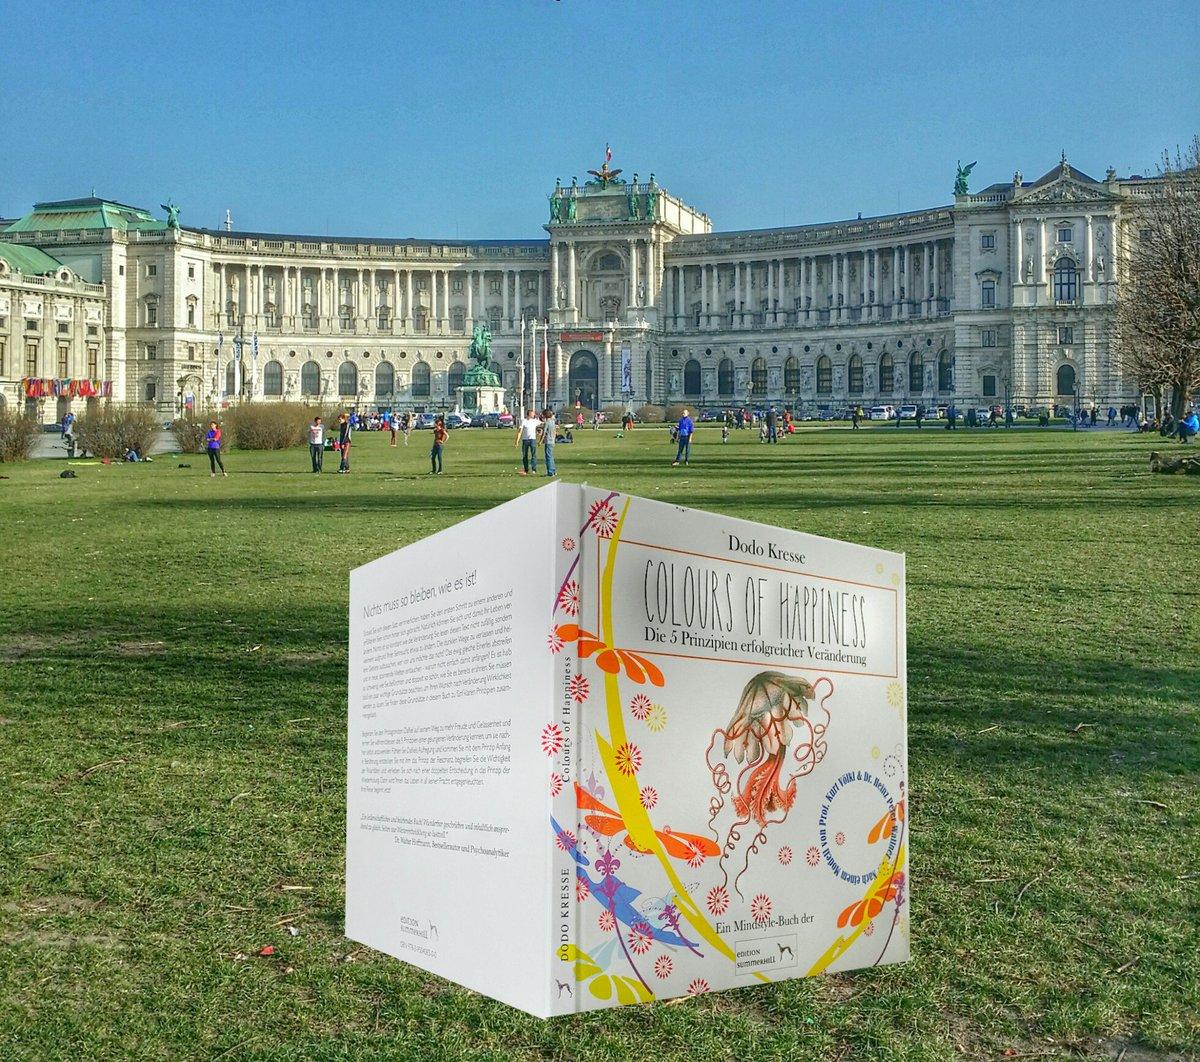 COLOURS of HAPPINESS Daniel nahm mich mit auf eine spanende Reise. #Bücher aus #Wien! https://t.co/5Bphd5aB4Y #Buch https://t.co/bnpwajl8Rx